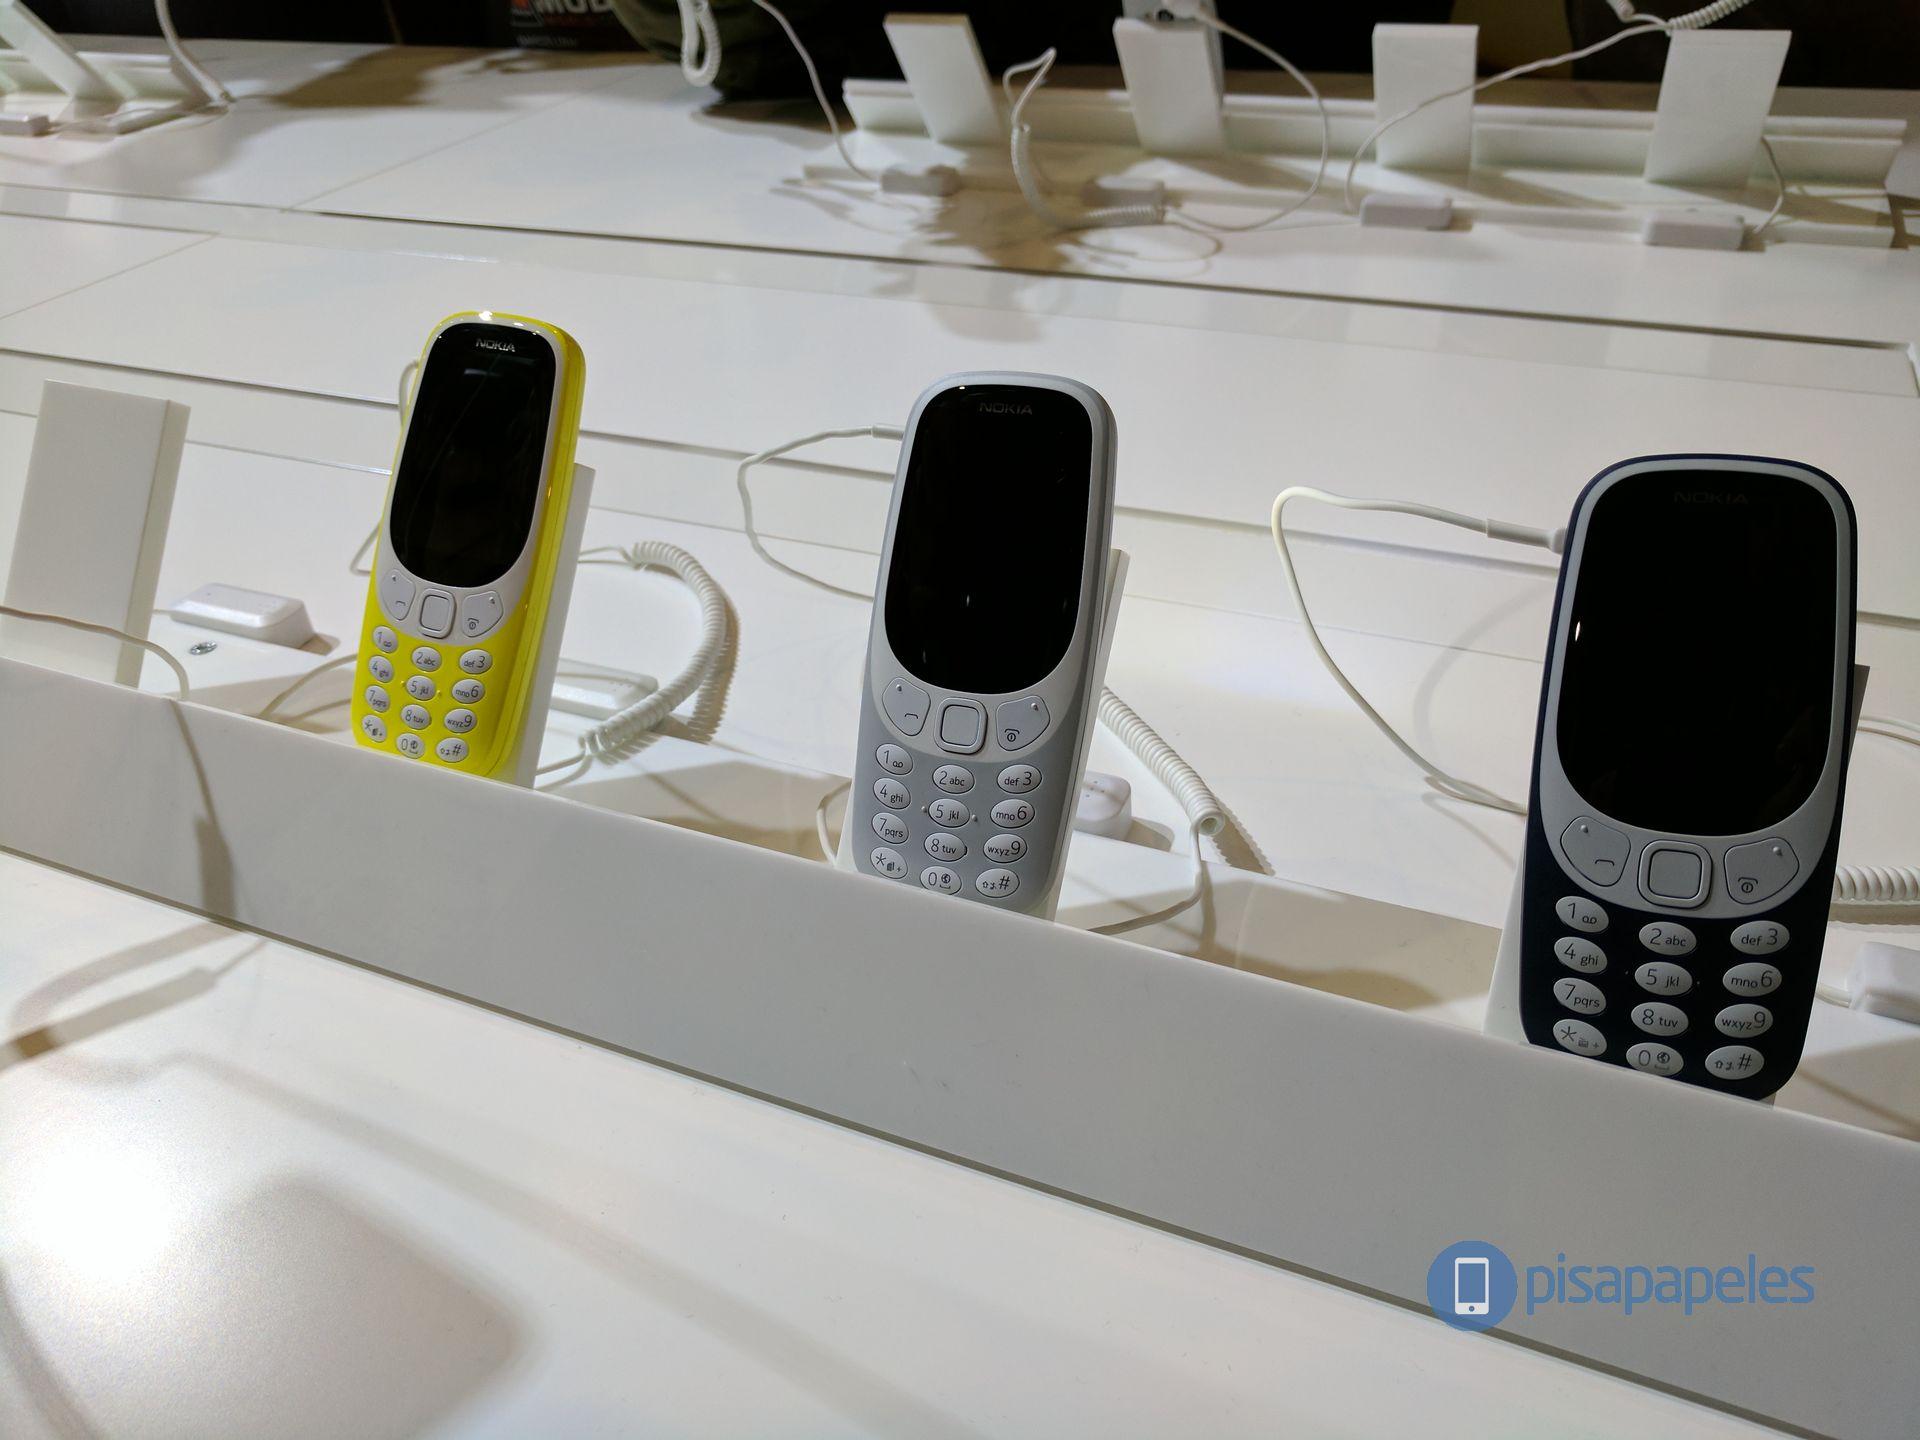 Первые впечатления Nokia 3310 # MWC17